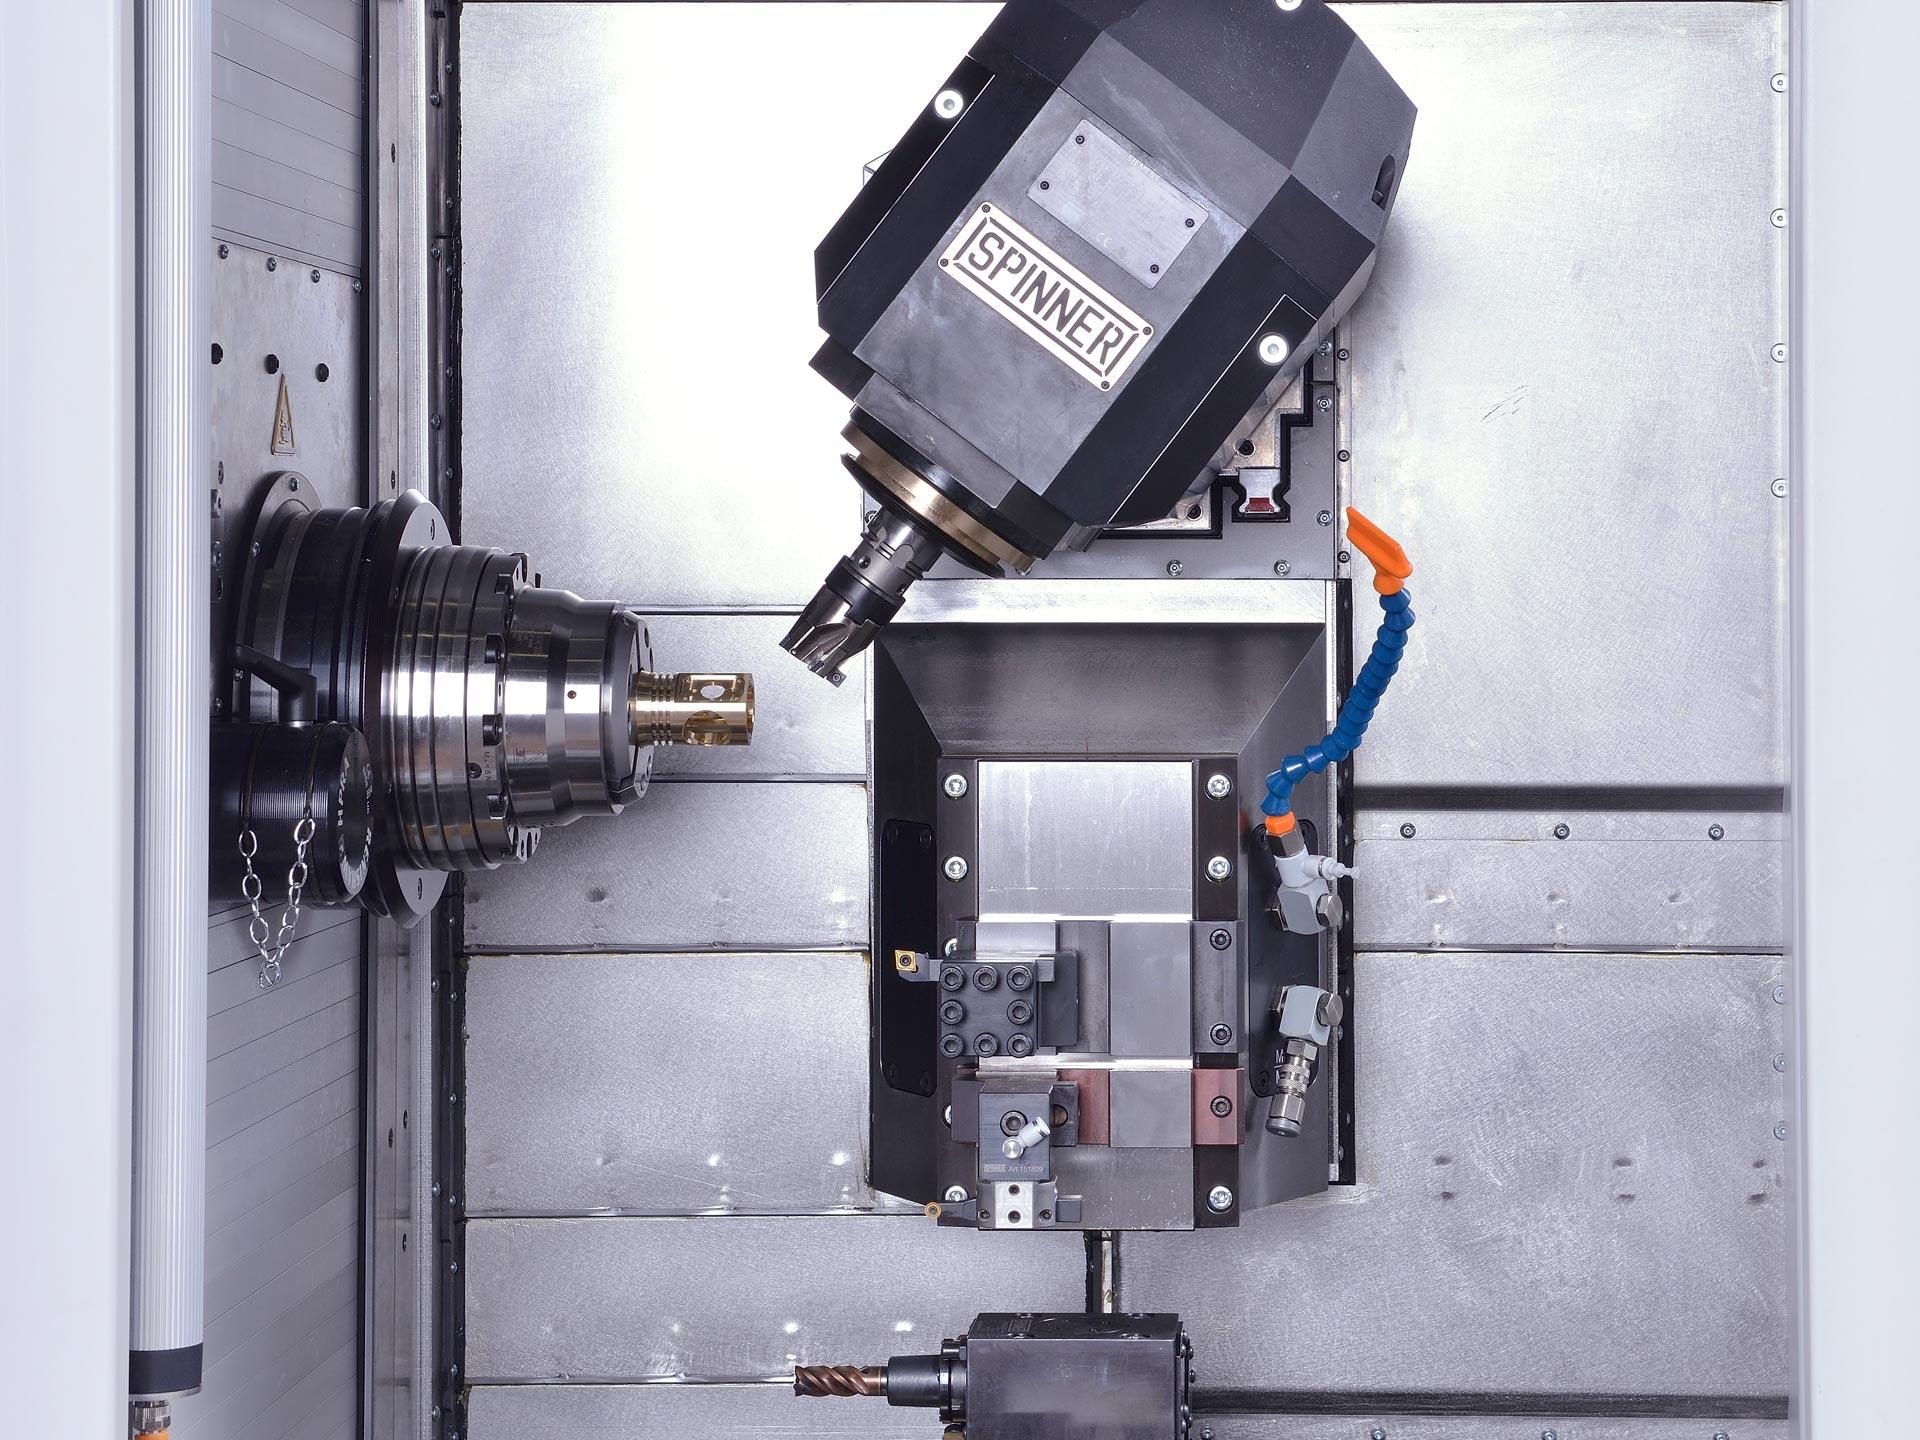 Spinner AG - Ultrapräzisionszentrum Microturn LTB - Schwenkspindel und Servo-Revolver